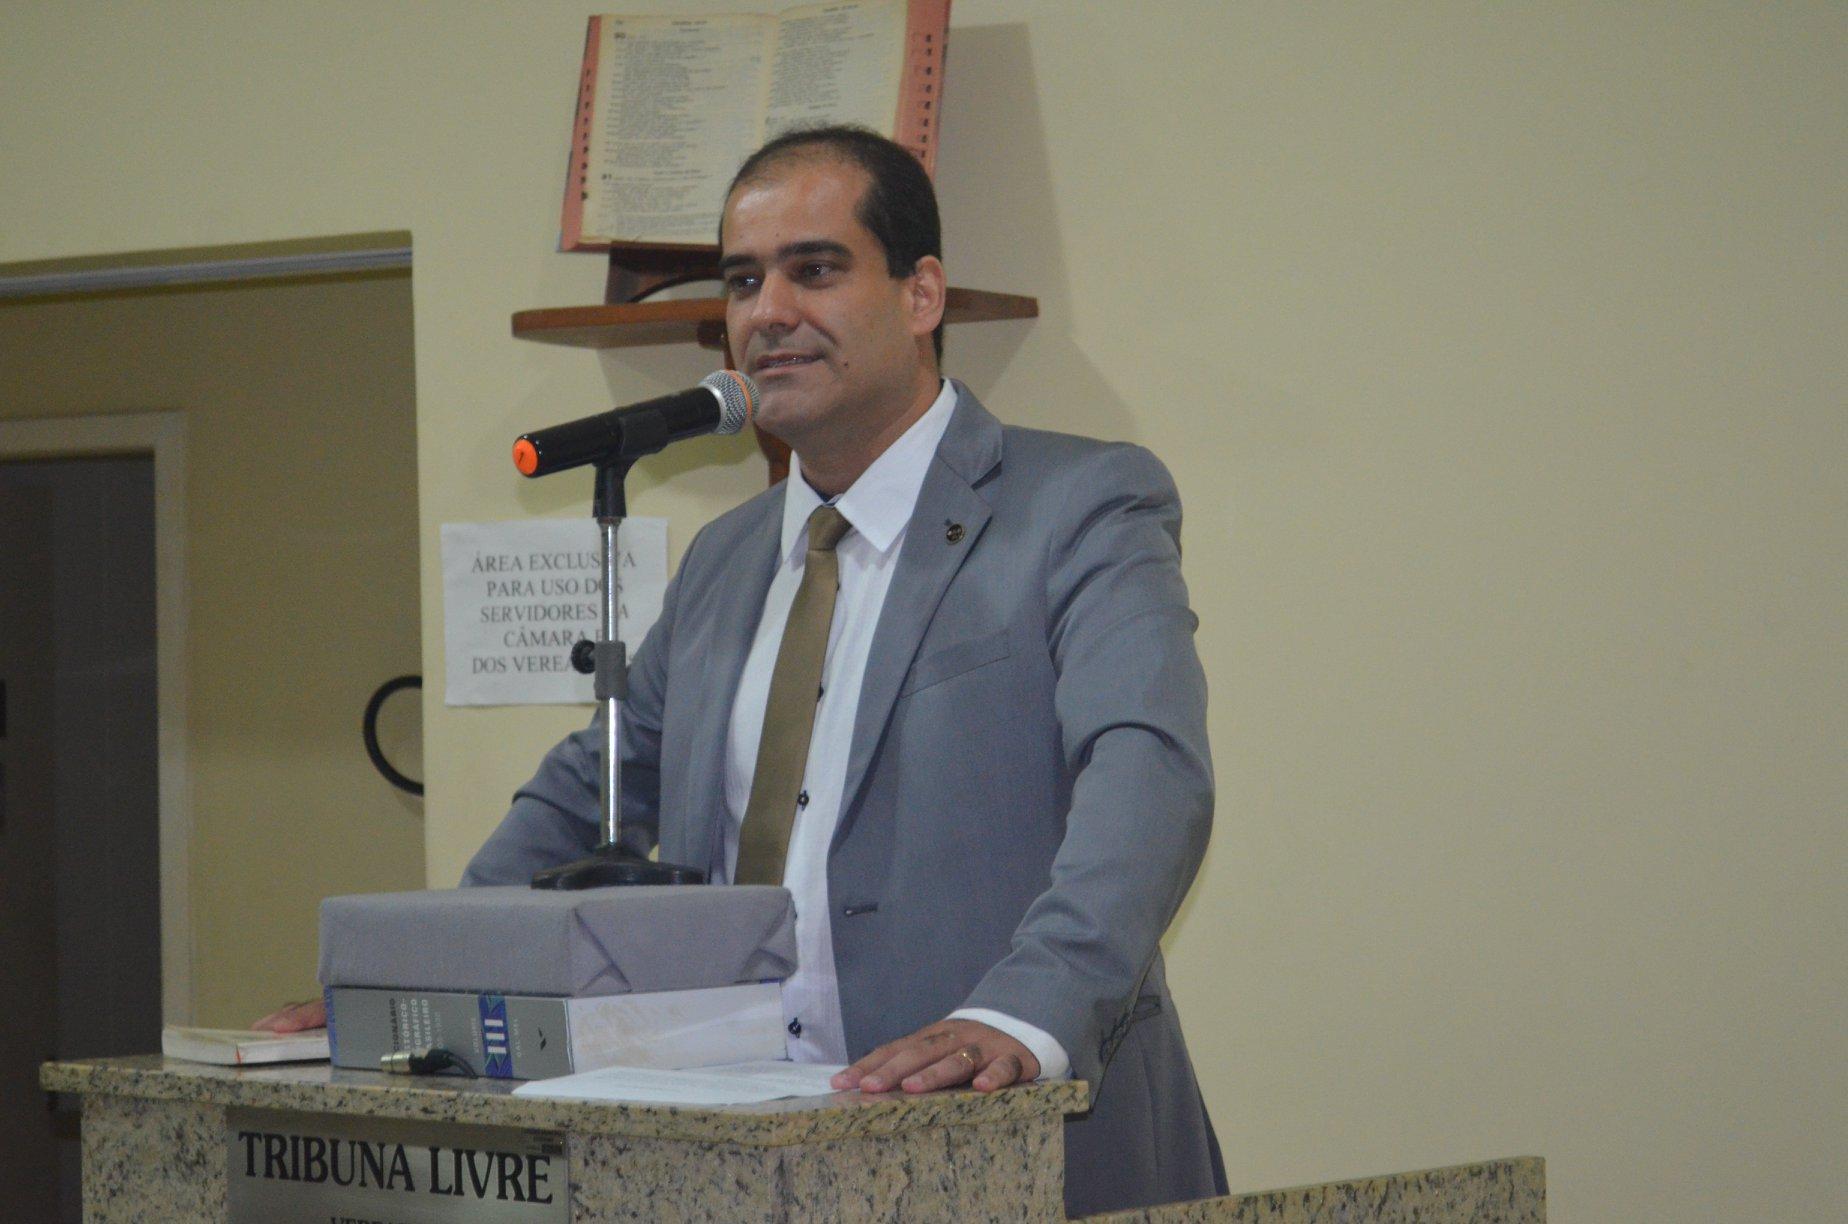 Vereador Cordeirense Pablo Sergio solicita ao executivo o fornecimento de alimentação e pousada aos pacientes cujo tratamento se realiza fora deste município